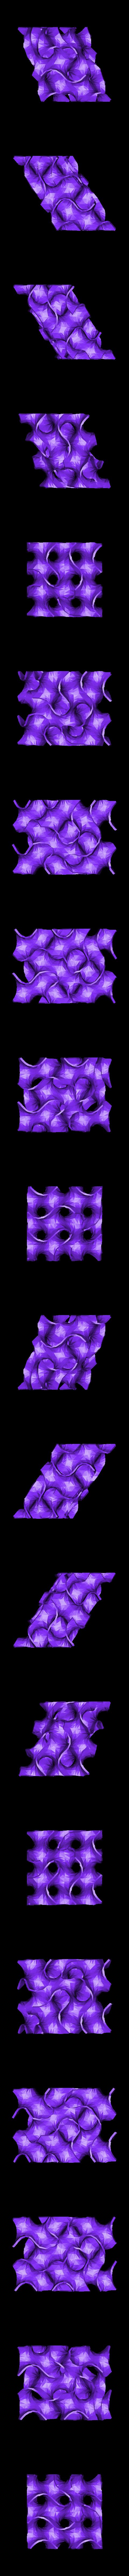 gyroid-slice_2.stl Télécharger fichier STL gratuit Tranches de thyroïde • Modèle imprimable en 3D, Balkhagal4D